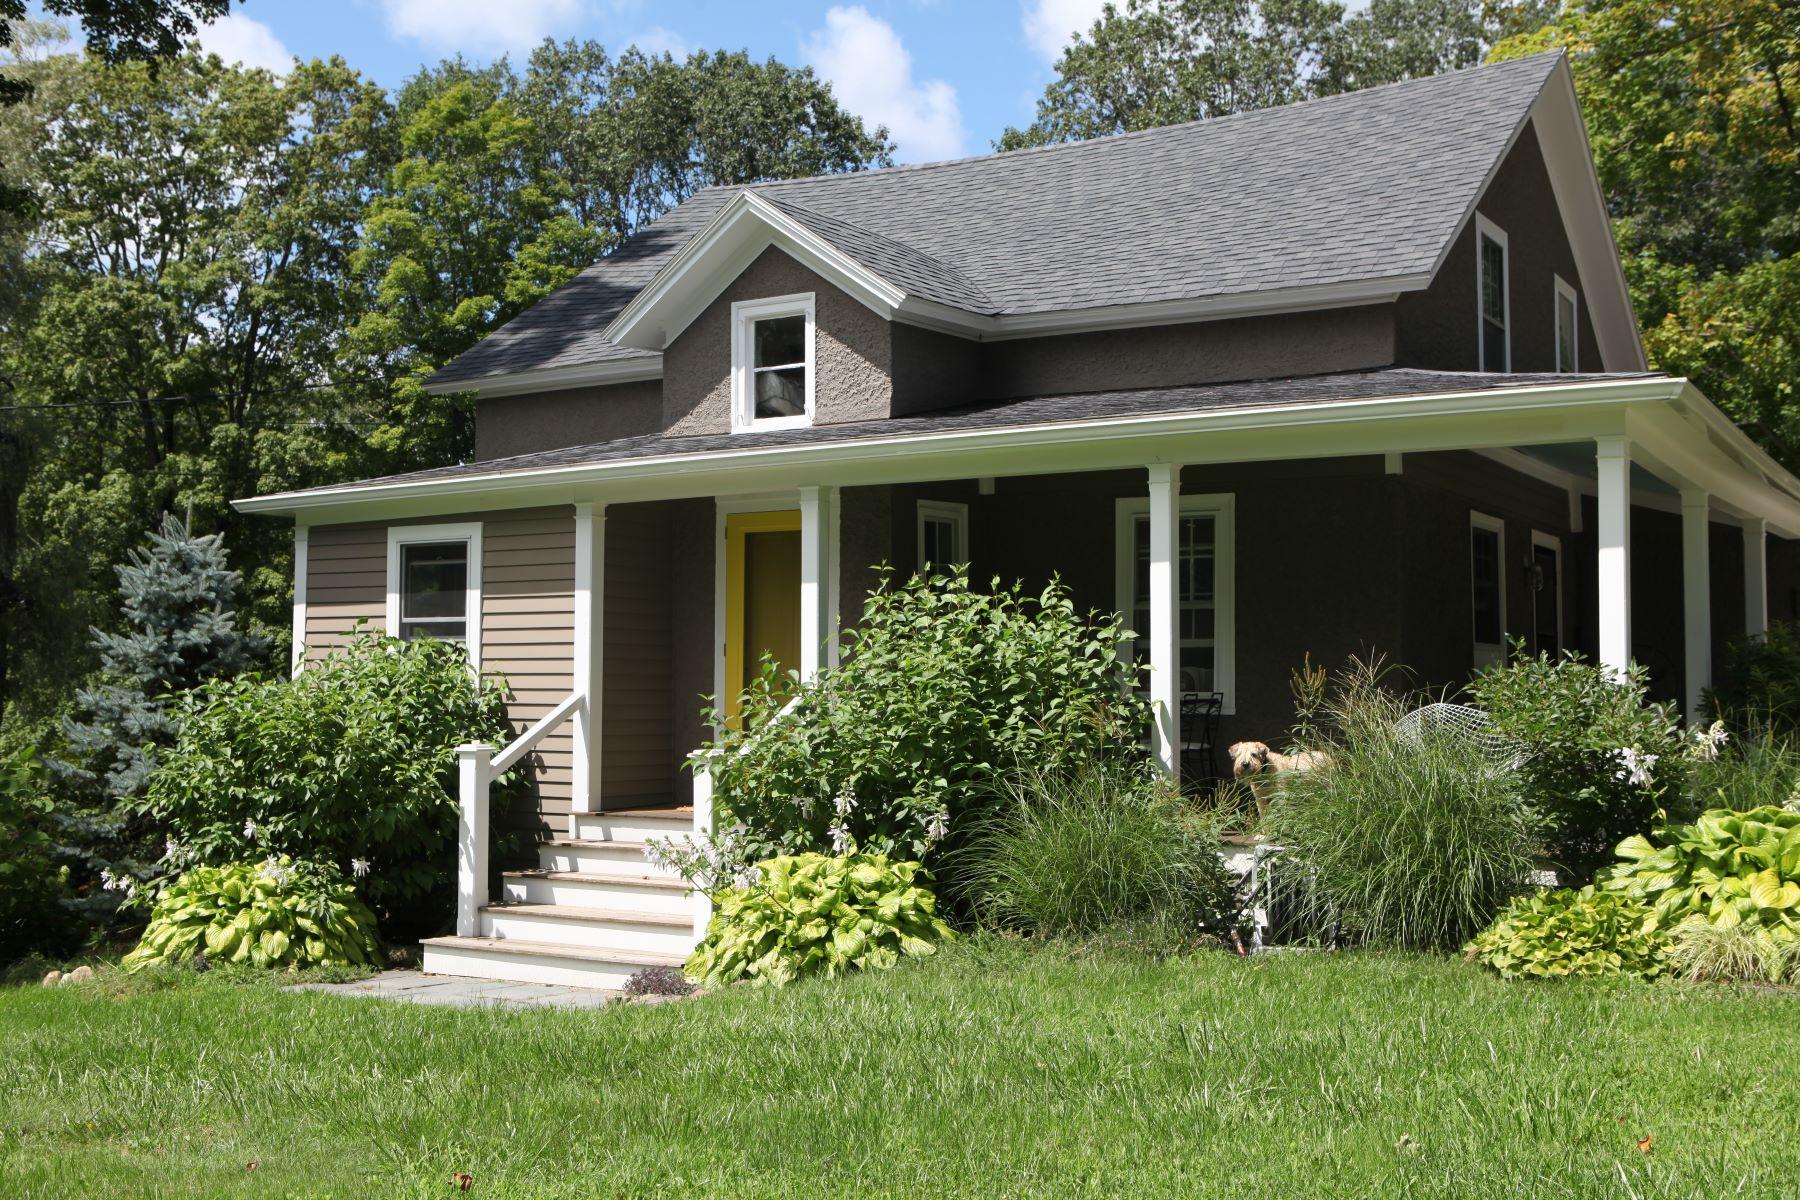 Maison unifamiliale pour l Vente à Cottage on Bantam River 21 Camp Dutton Rd Litchfield, Connecticut, 06759 États-Unis